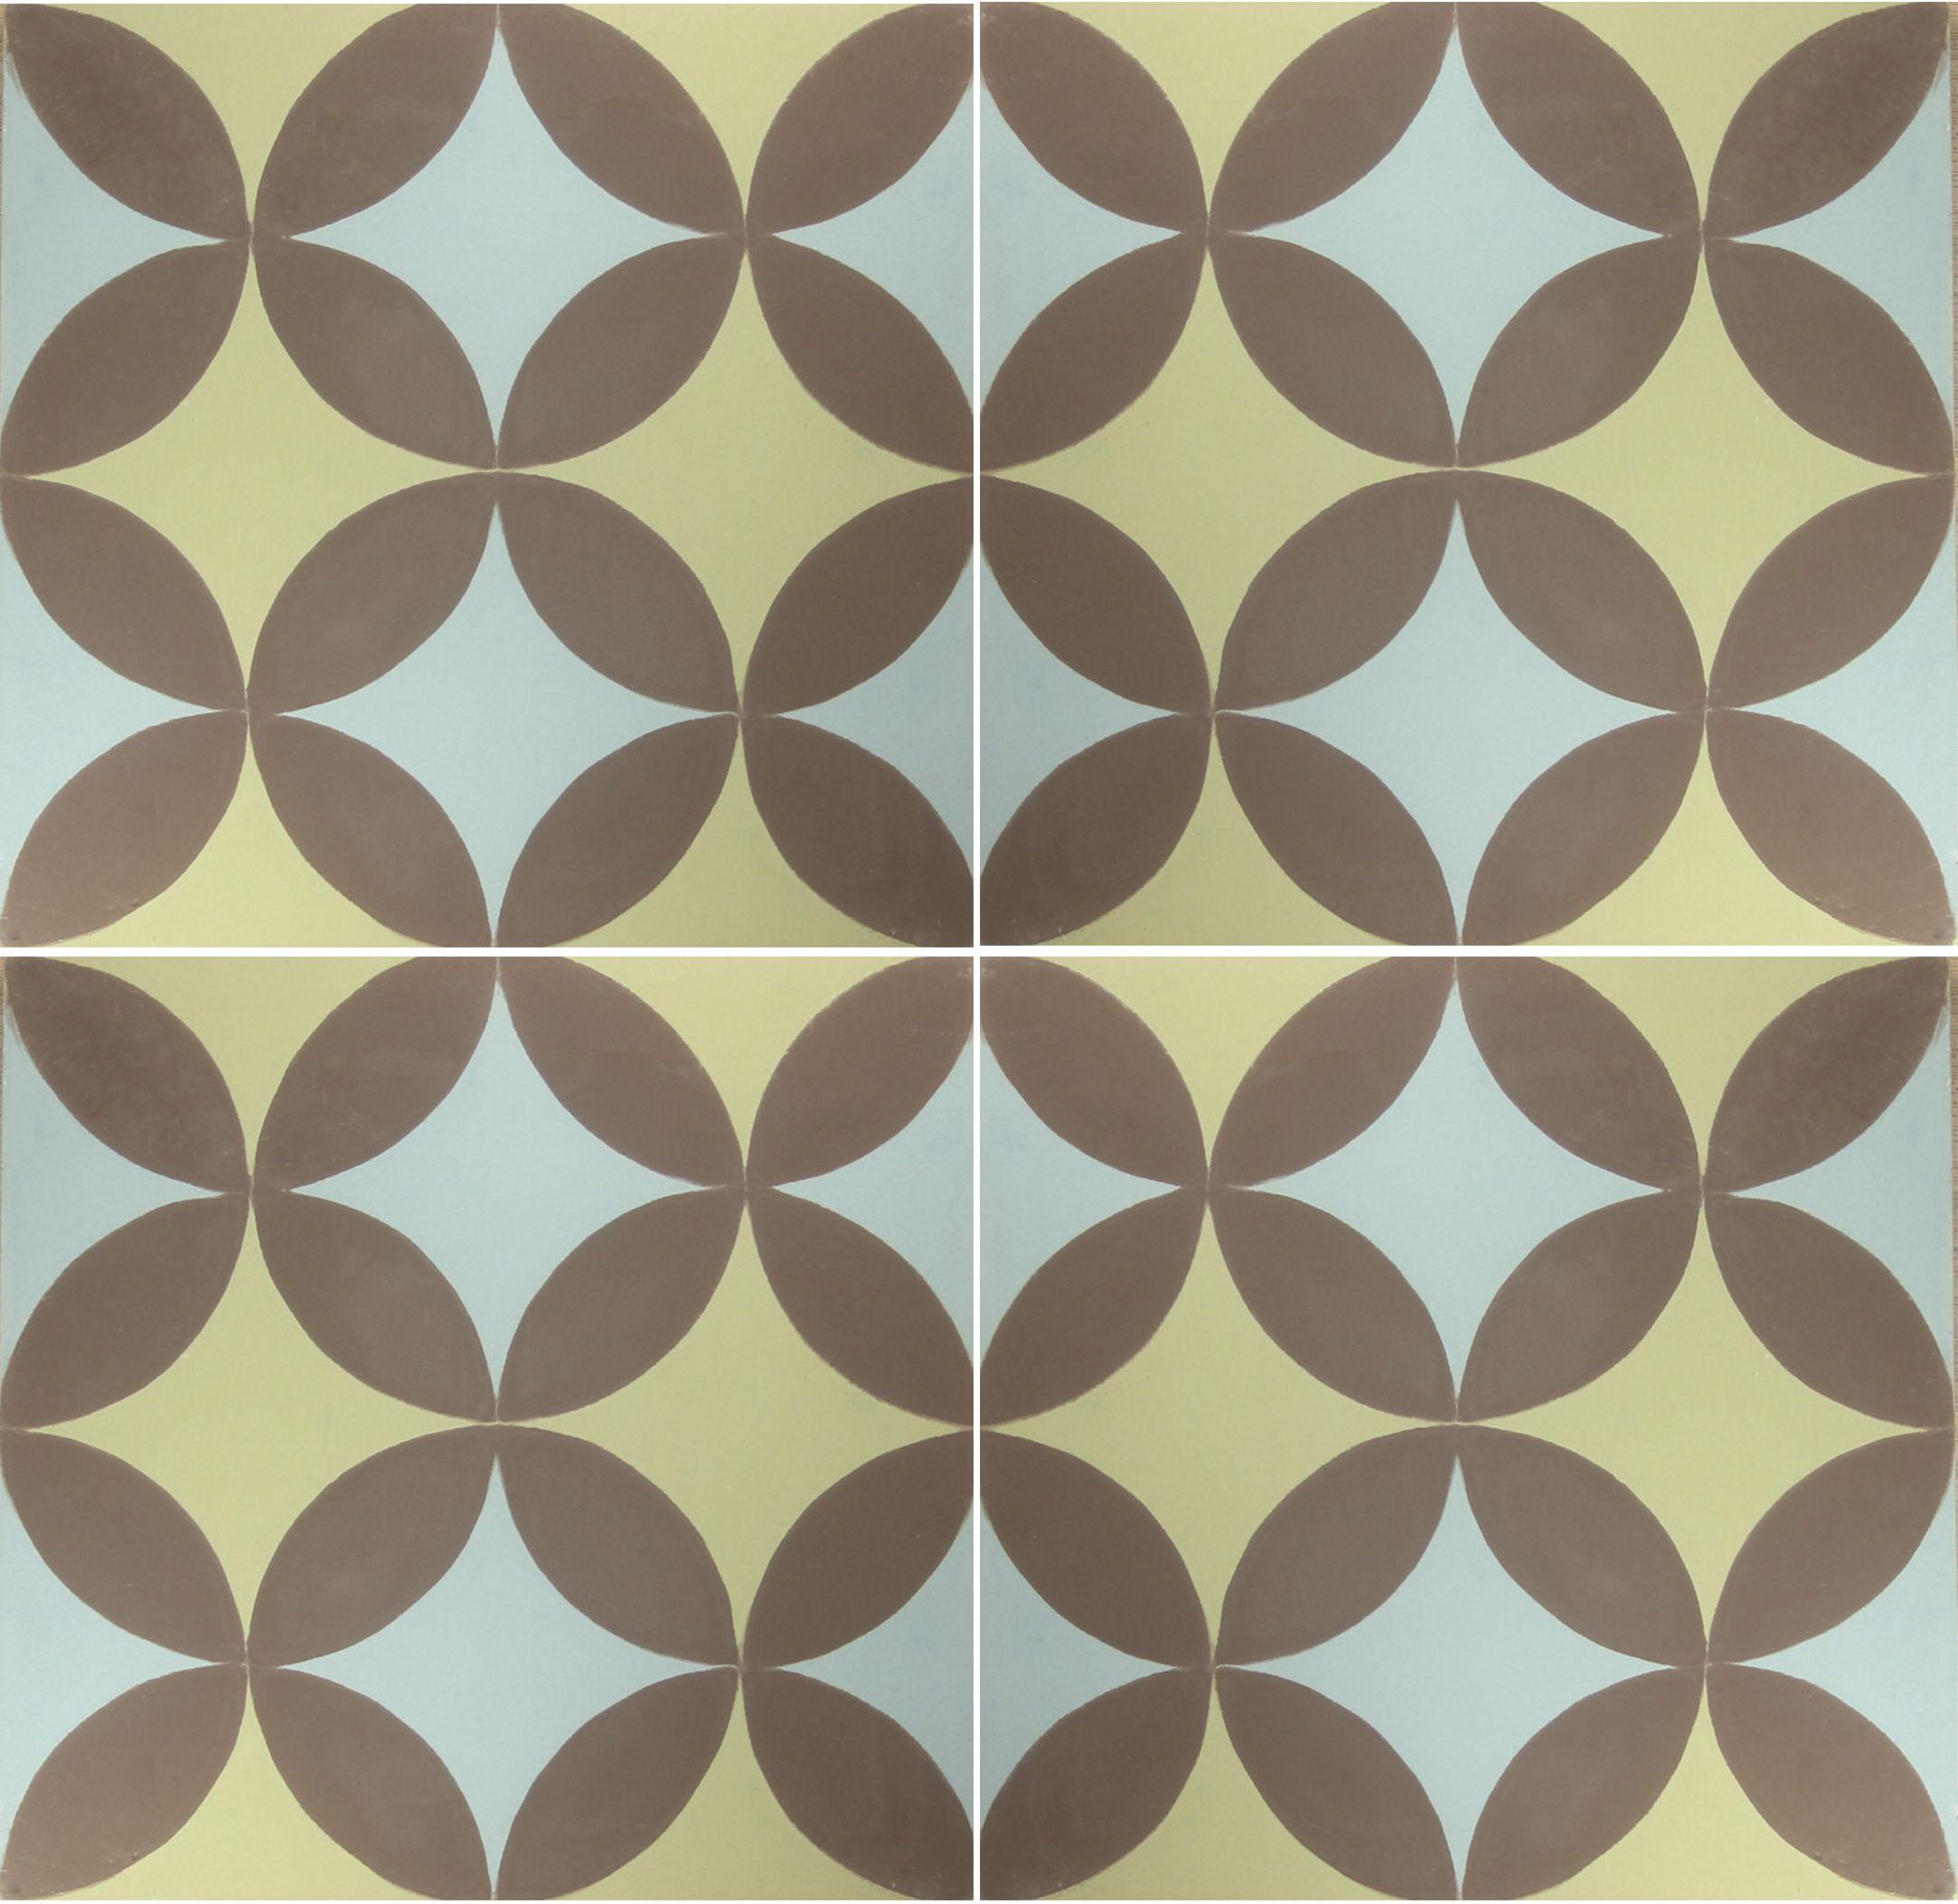 El ladrillodeldia nuestro dise o de mosaico torino 937 for Disenos para mosaicos